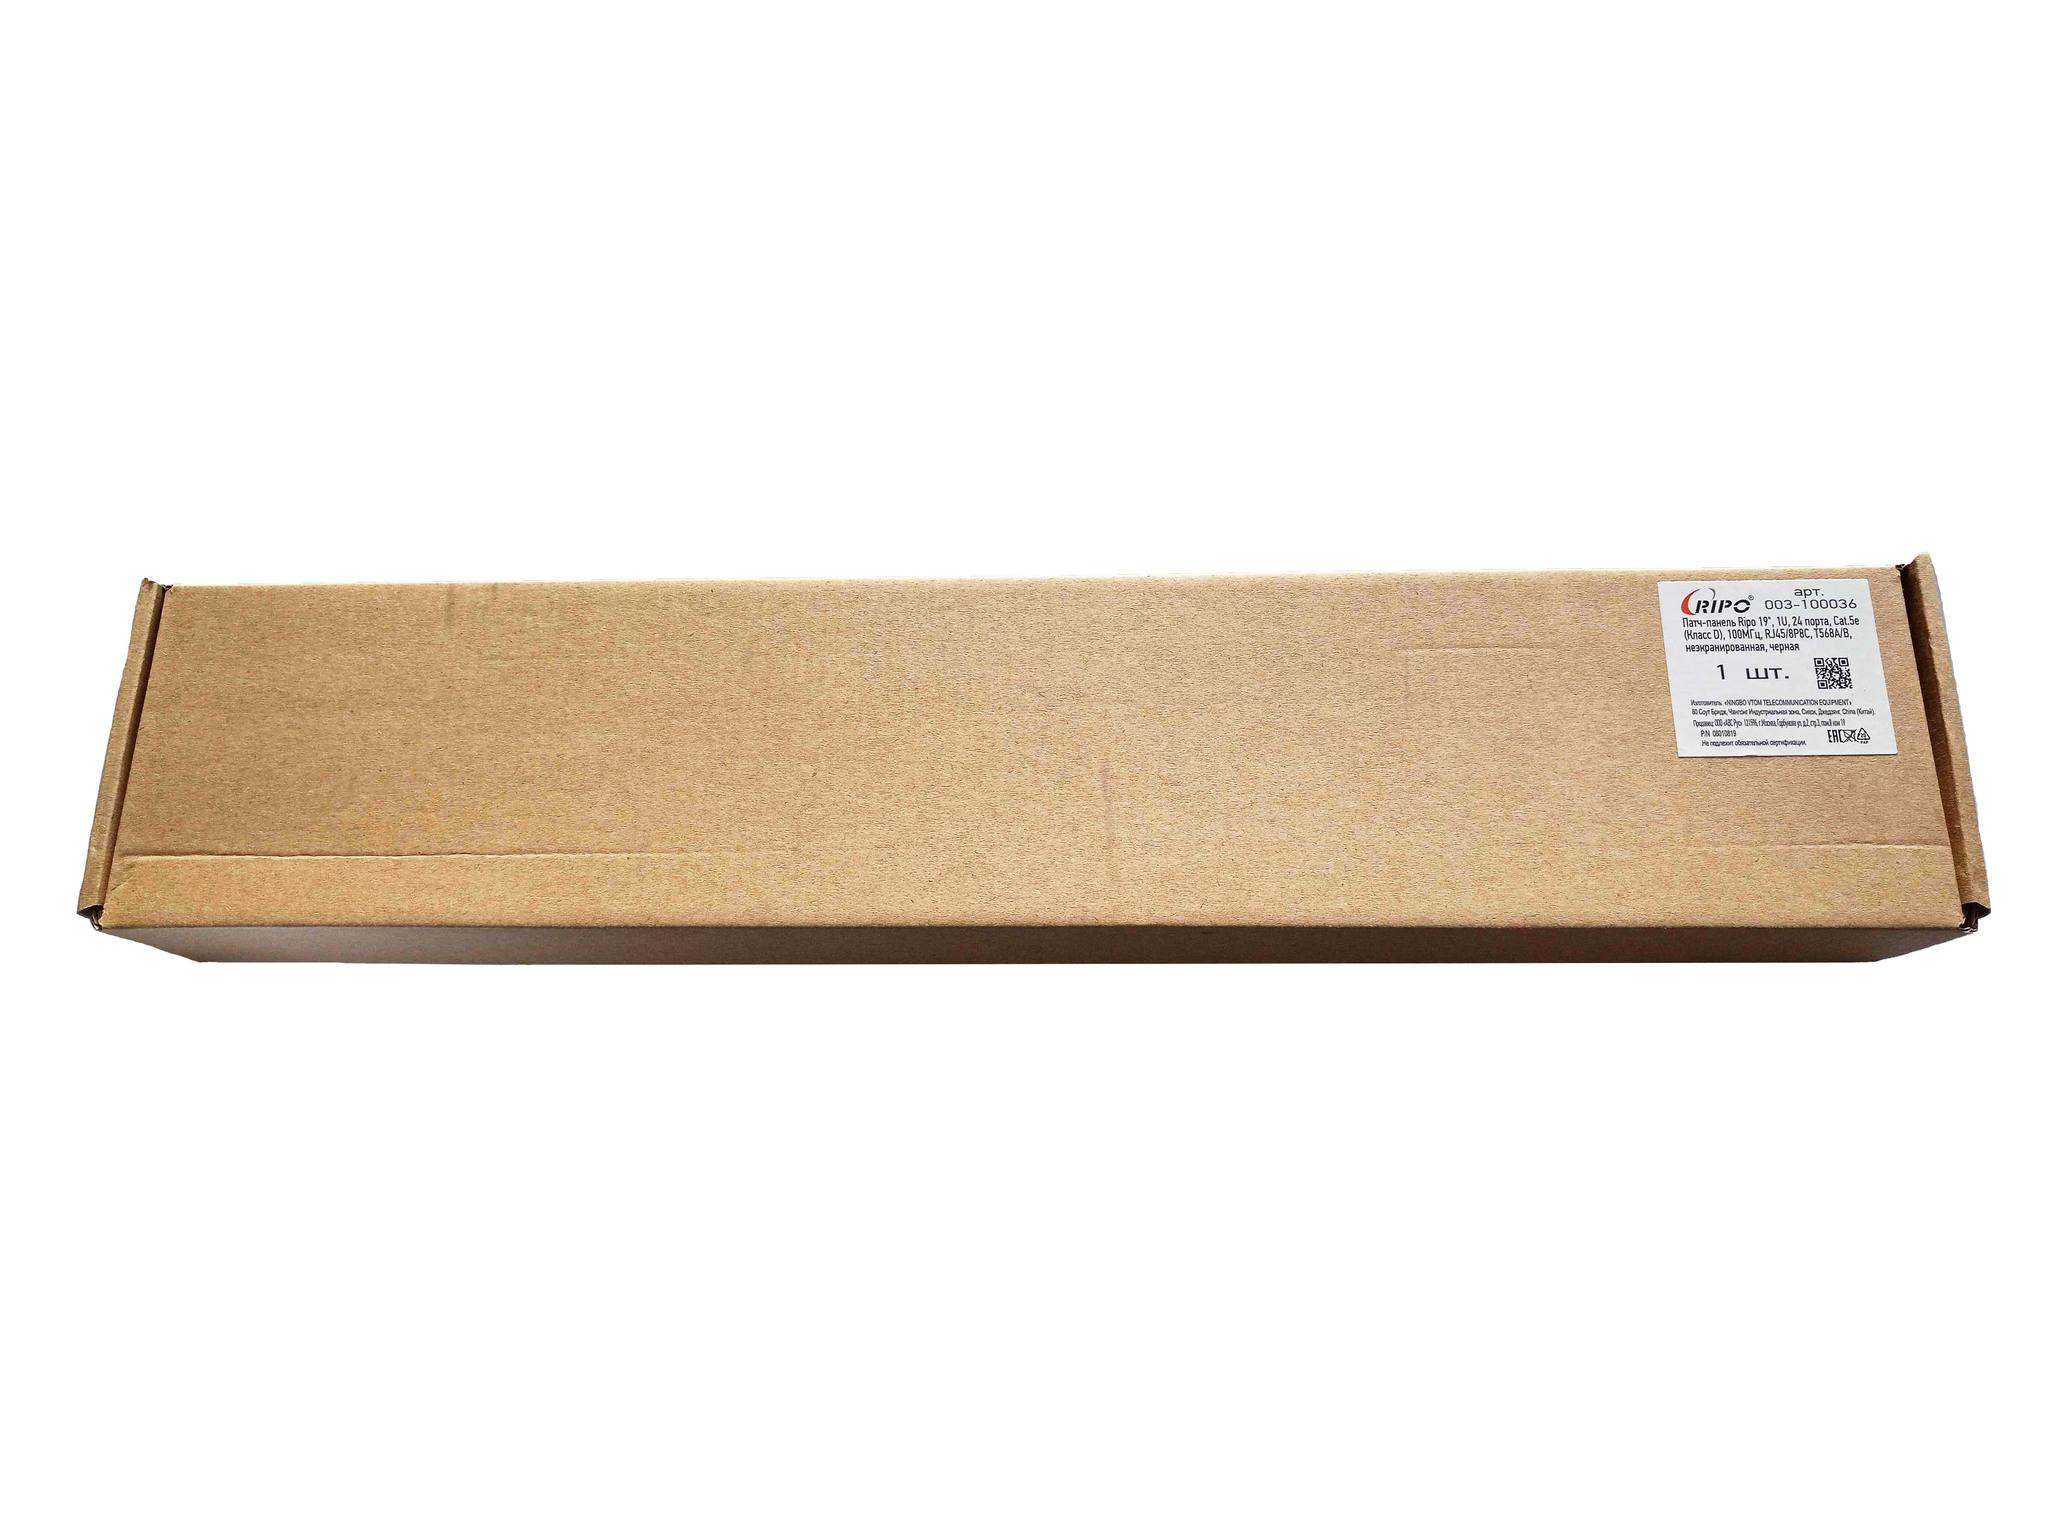 Патч-панель Ripo 19', 1U, 24 порта, Cat.5e (Класс D), 100МГц, RJ45/8P8C, 110/KRONE, T568A/B цена